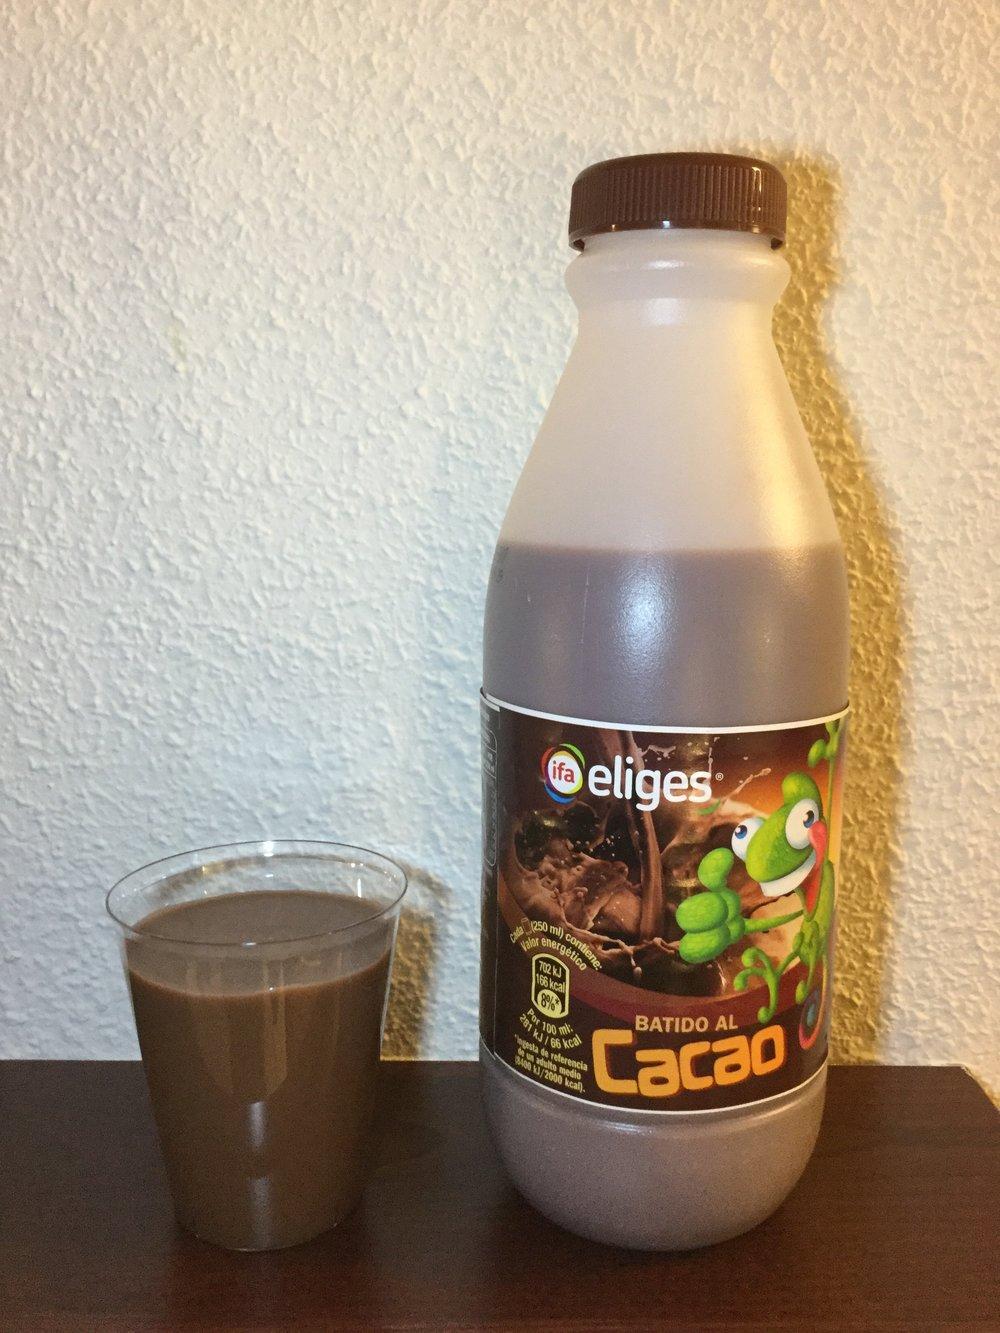 IFA Eliges Batido Al Cacao Cup